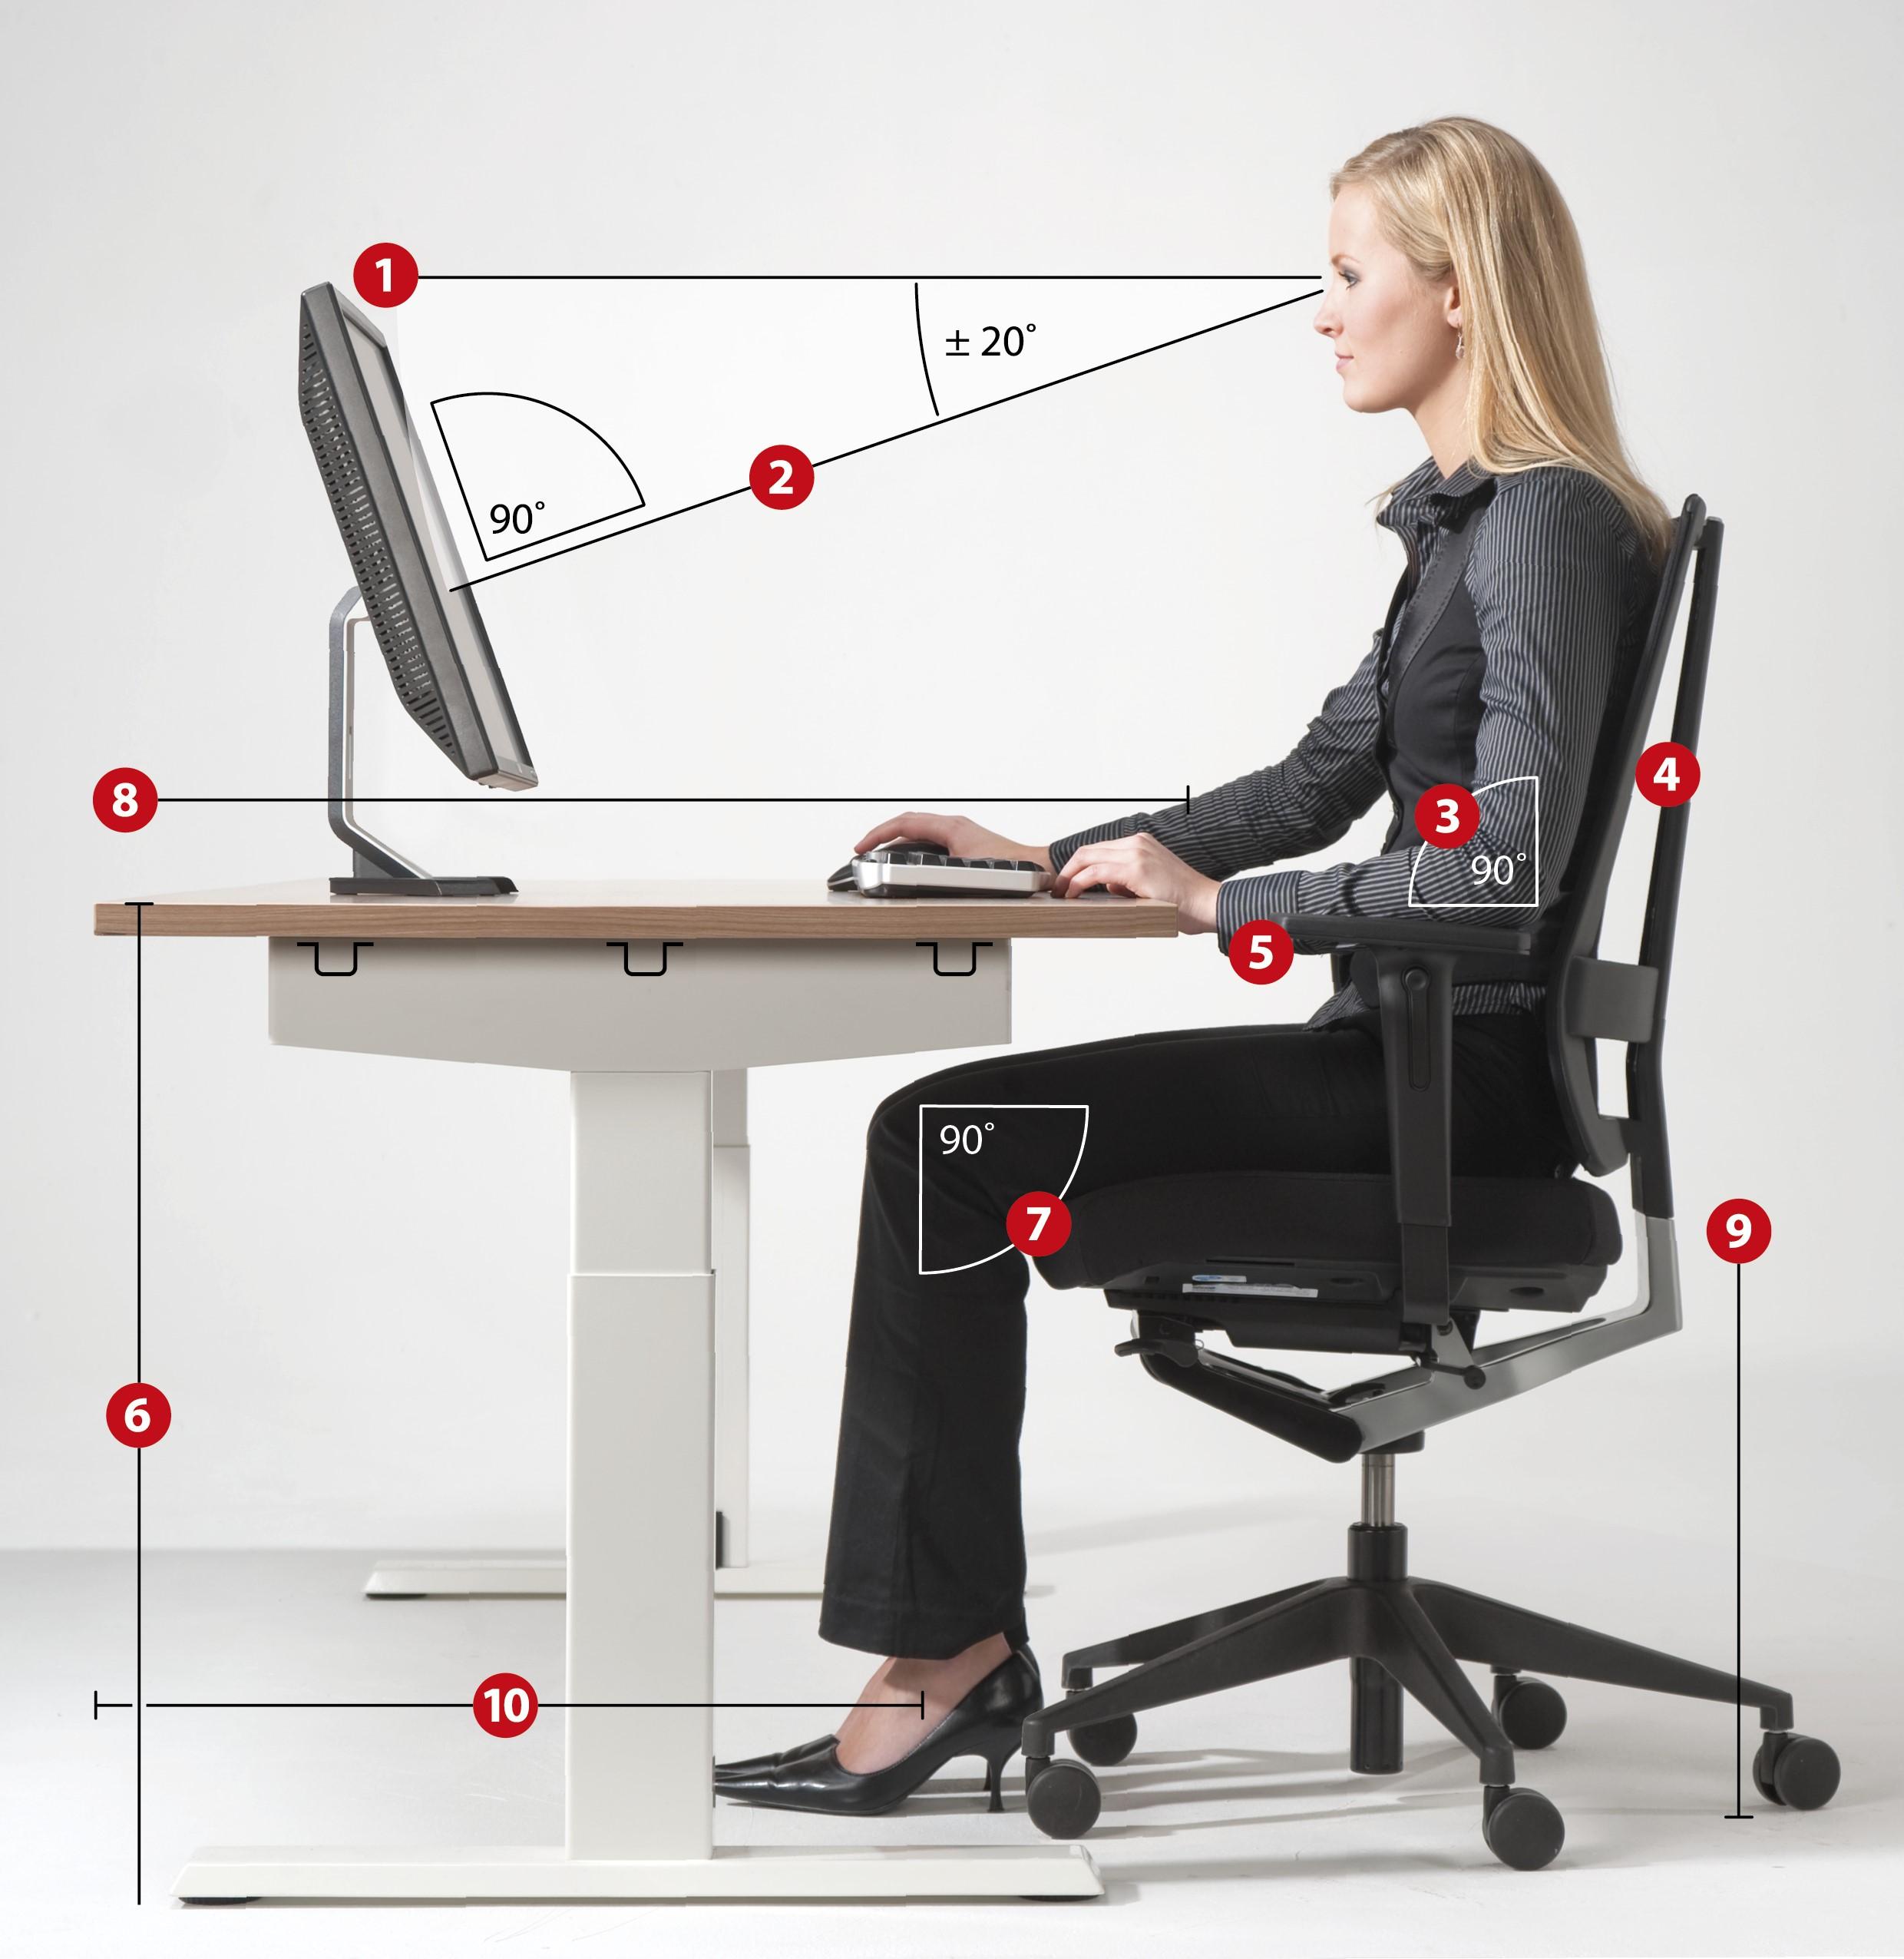 Hoe stel ik mijn bureaustoel in?